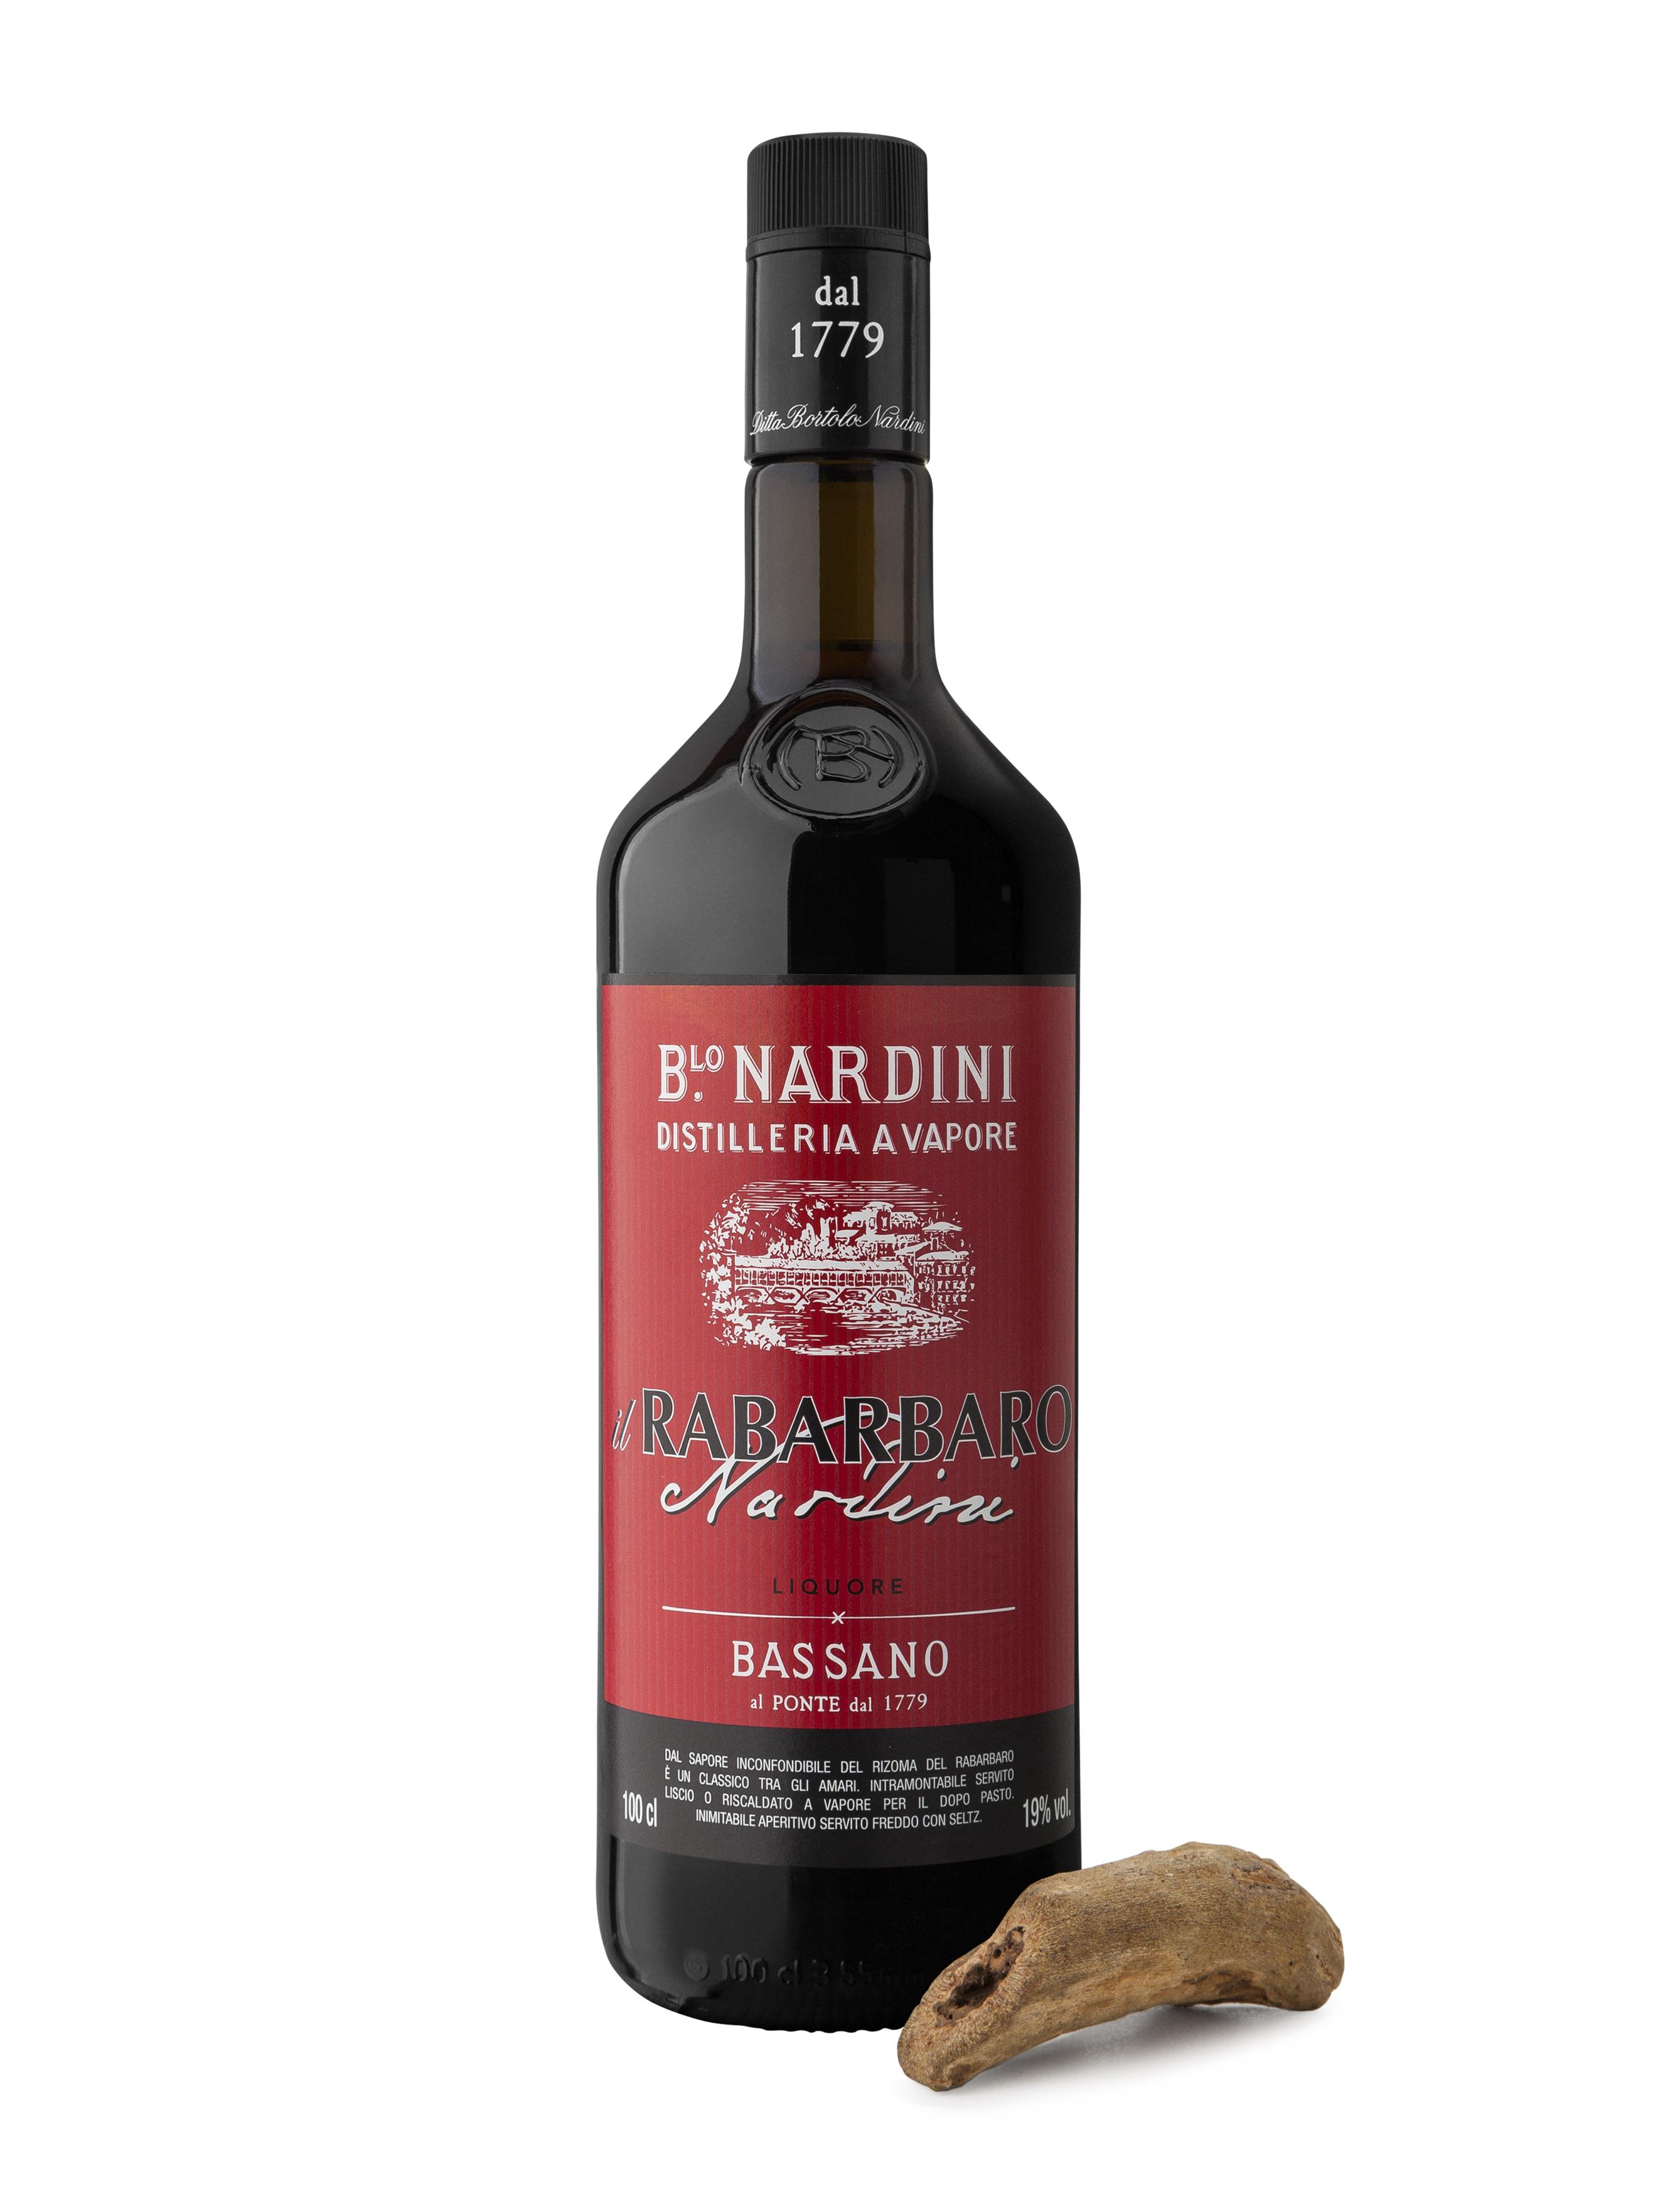 Rabarbaro Nardini box